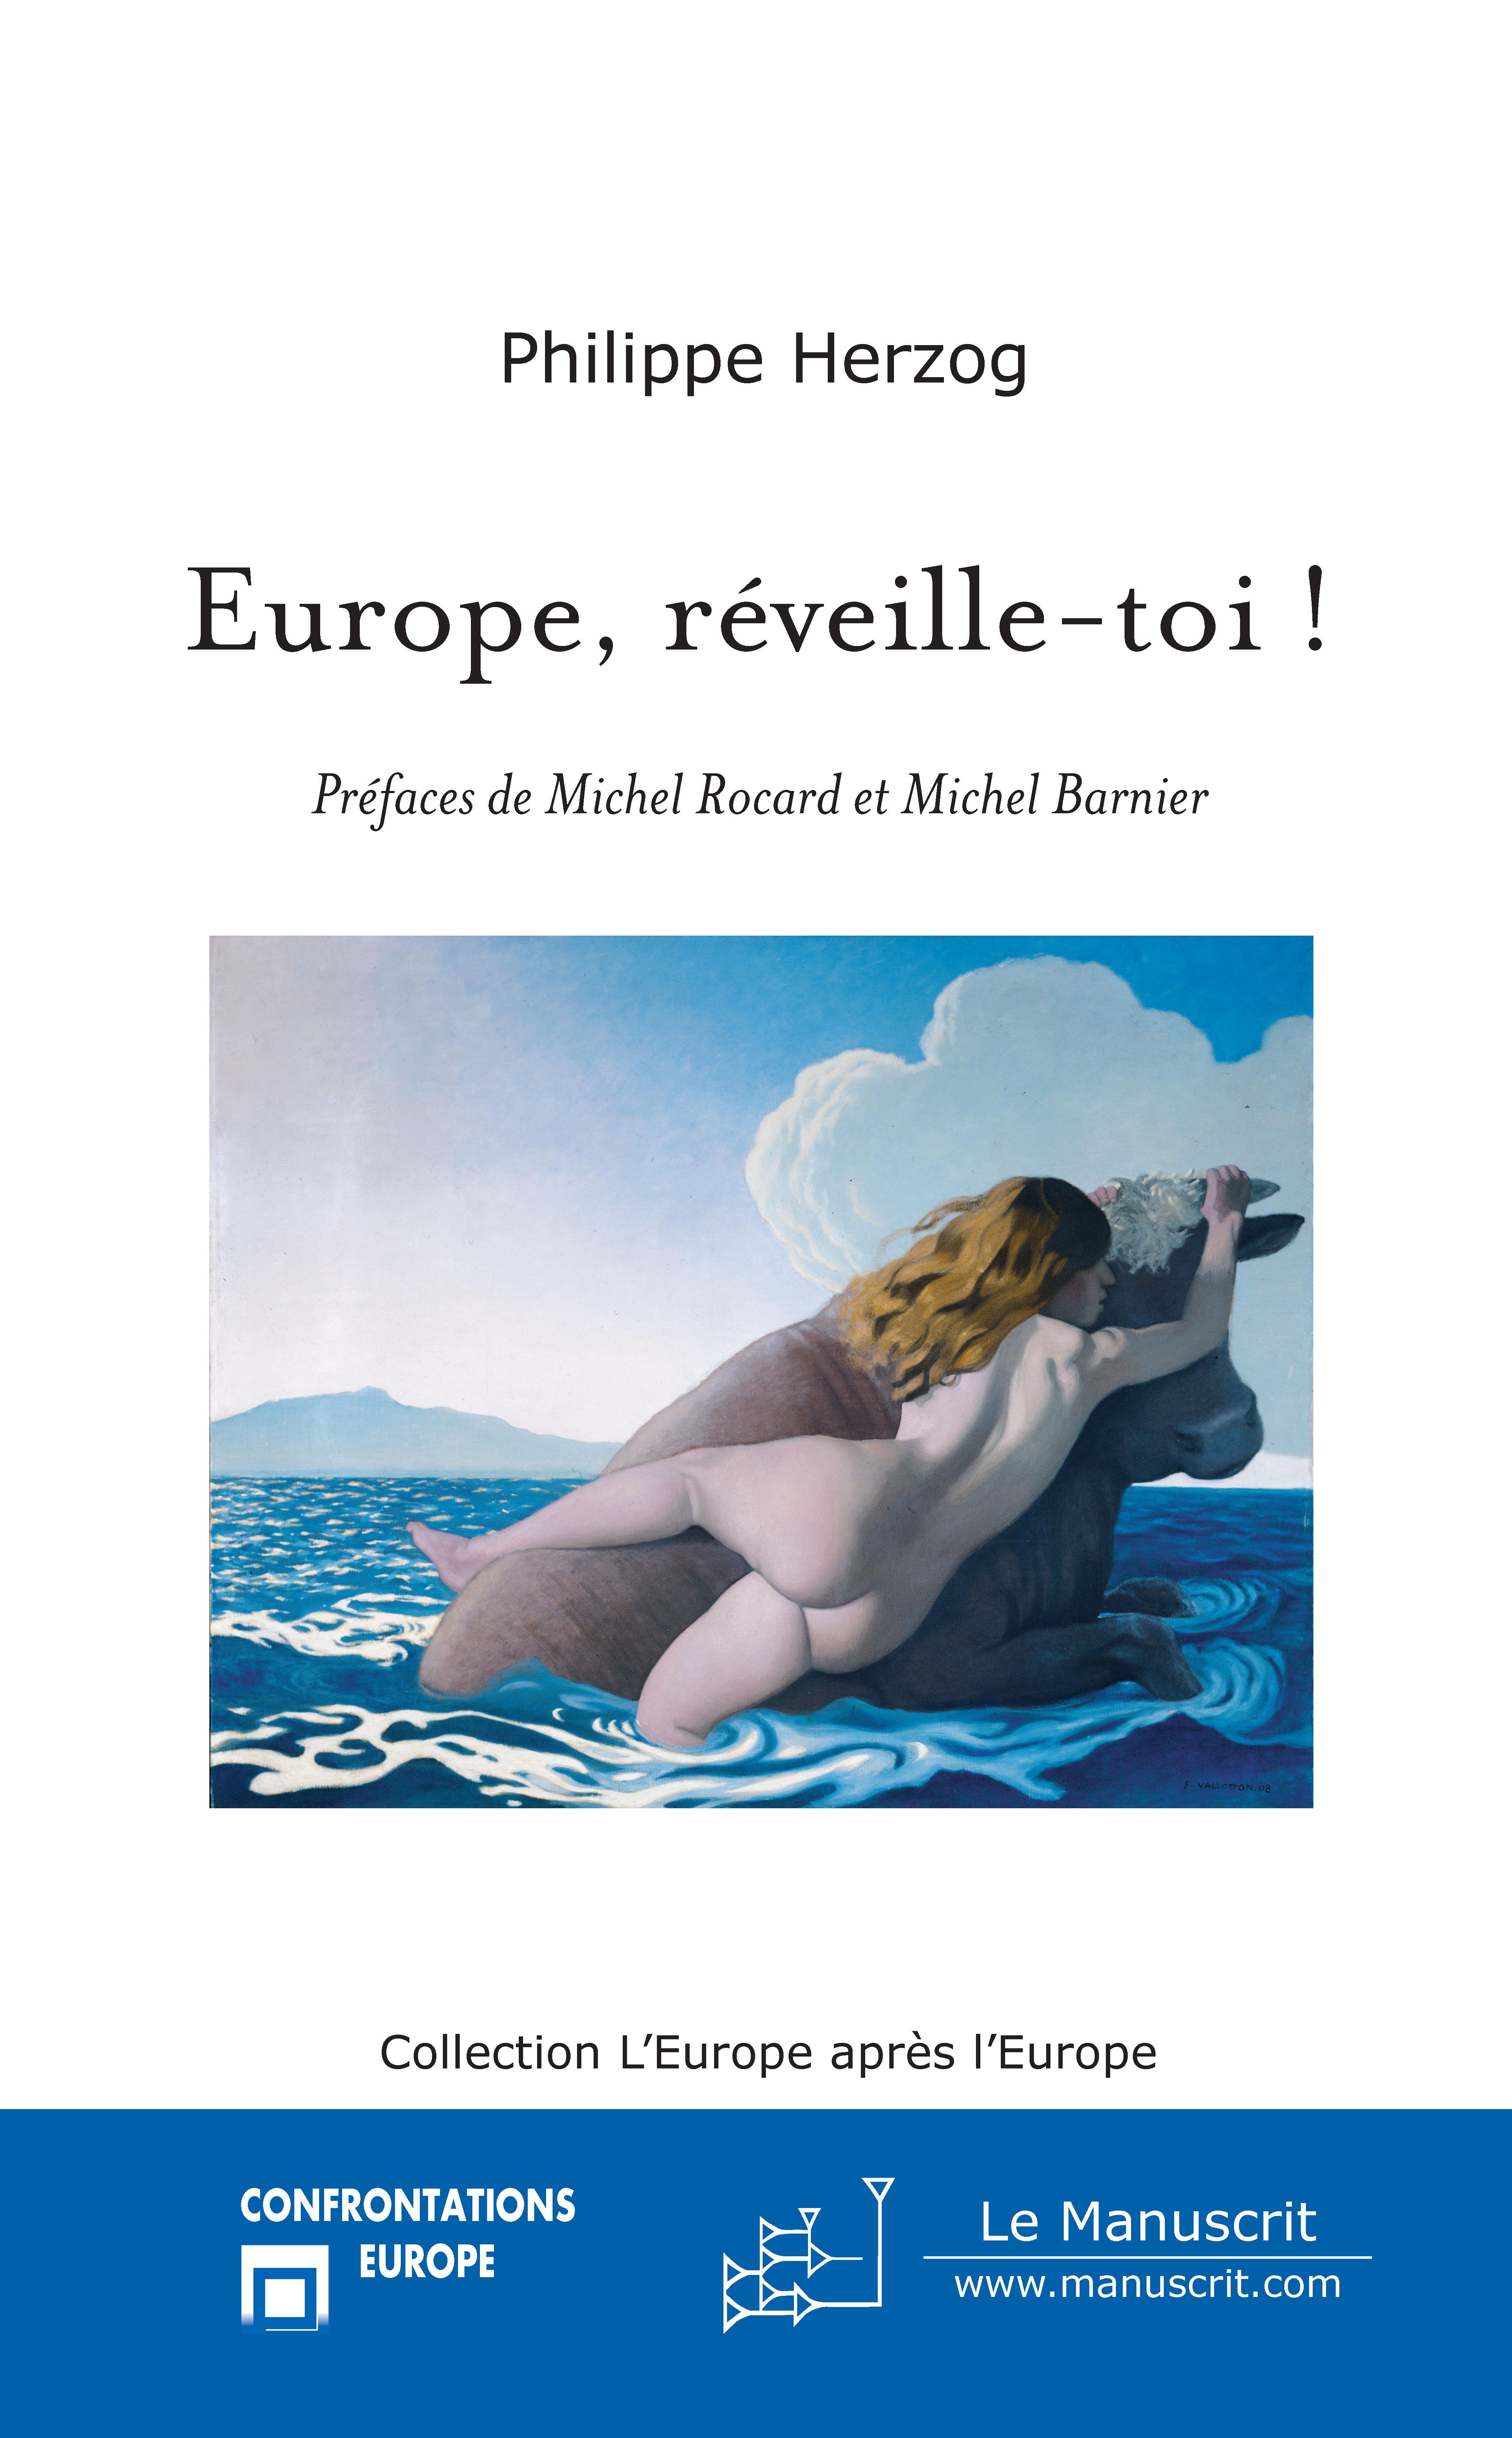 2014-05-27-Europereveilletoi_frontcover.jpg